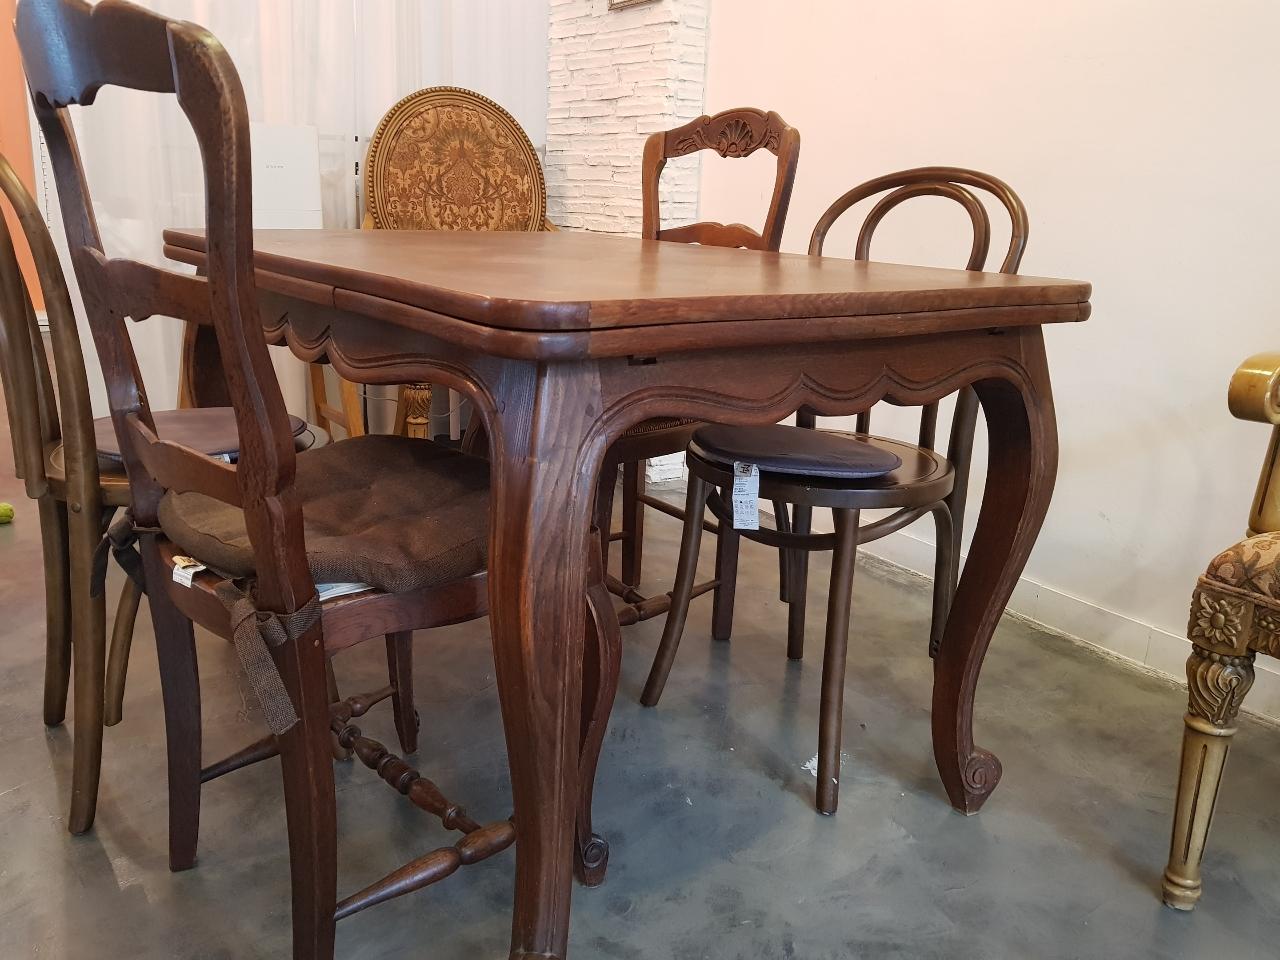 프렌치엔틱 식탁과 의자2 세트 판매